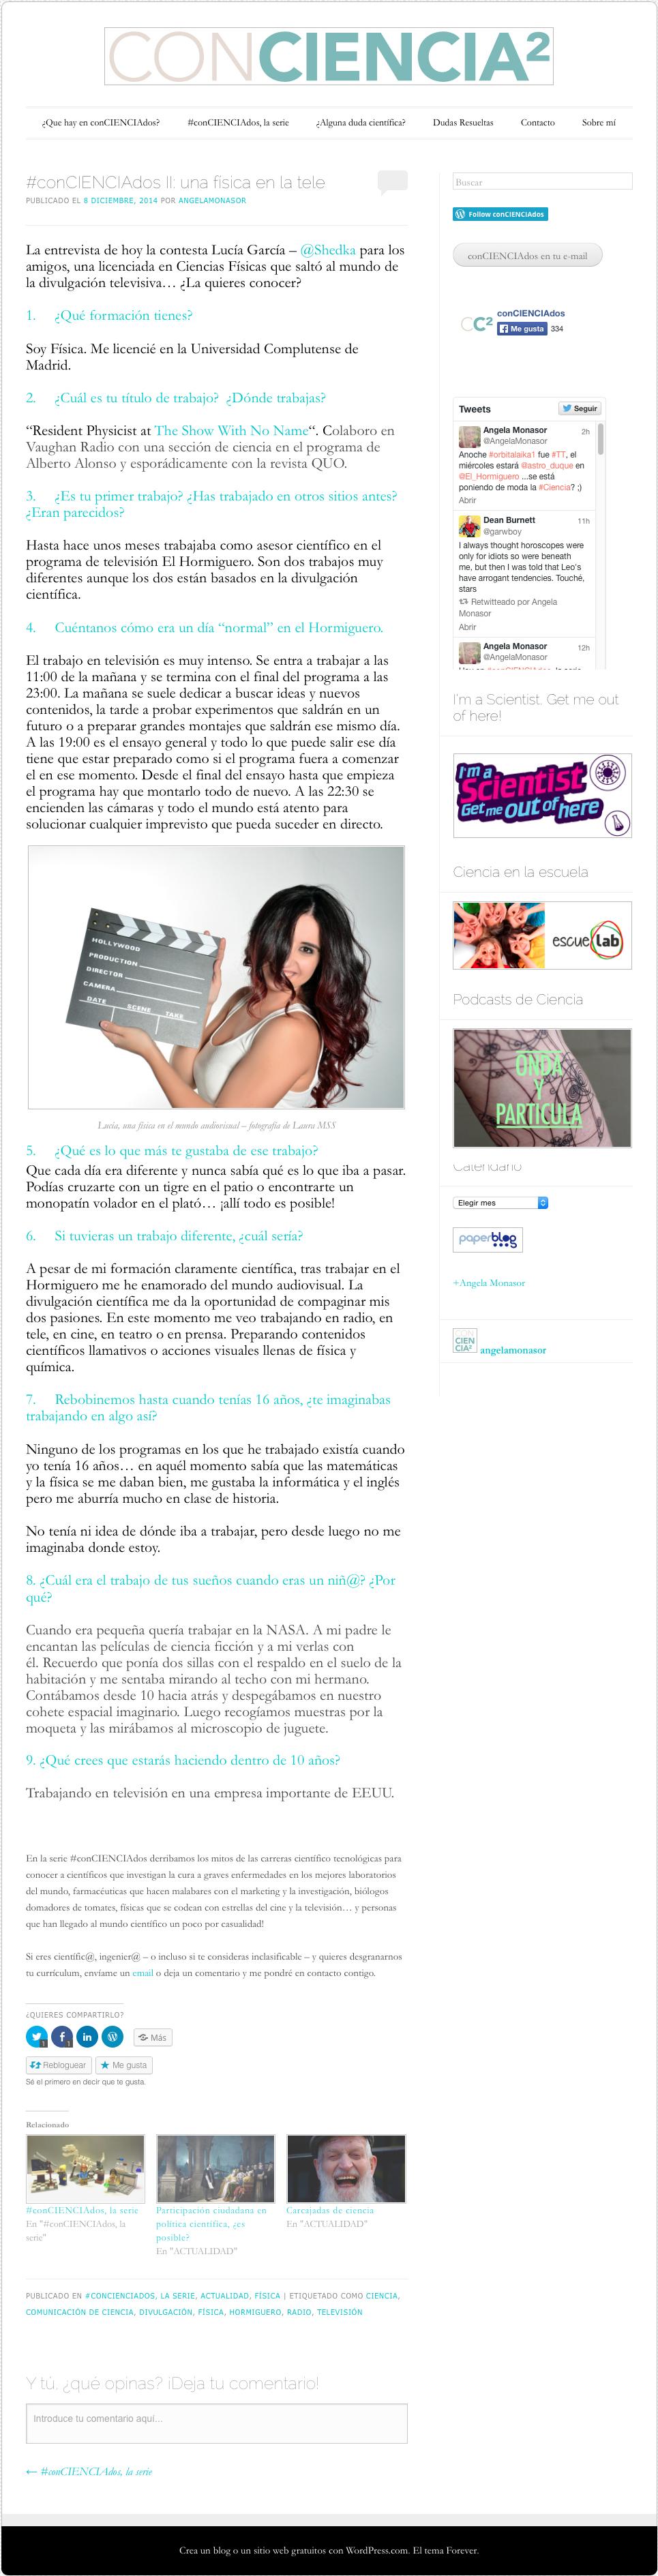 Entrevista_conCIENCIAdos